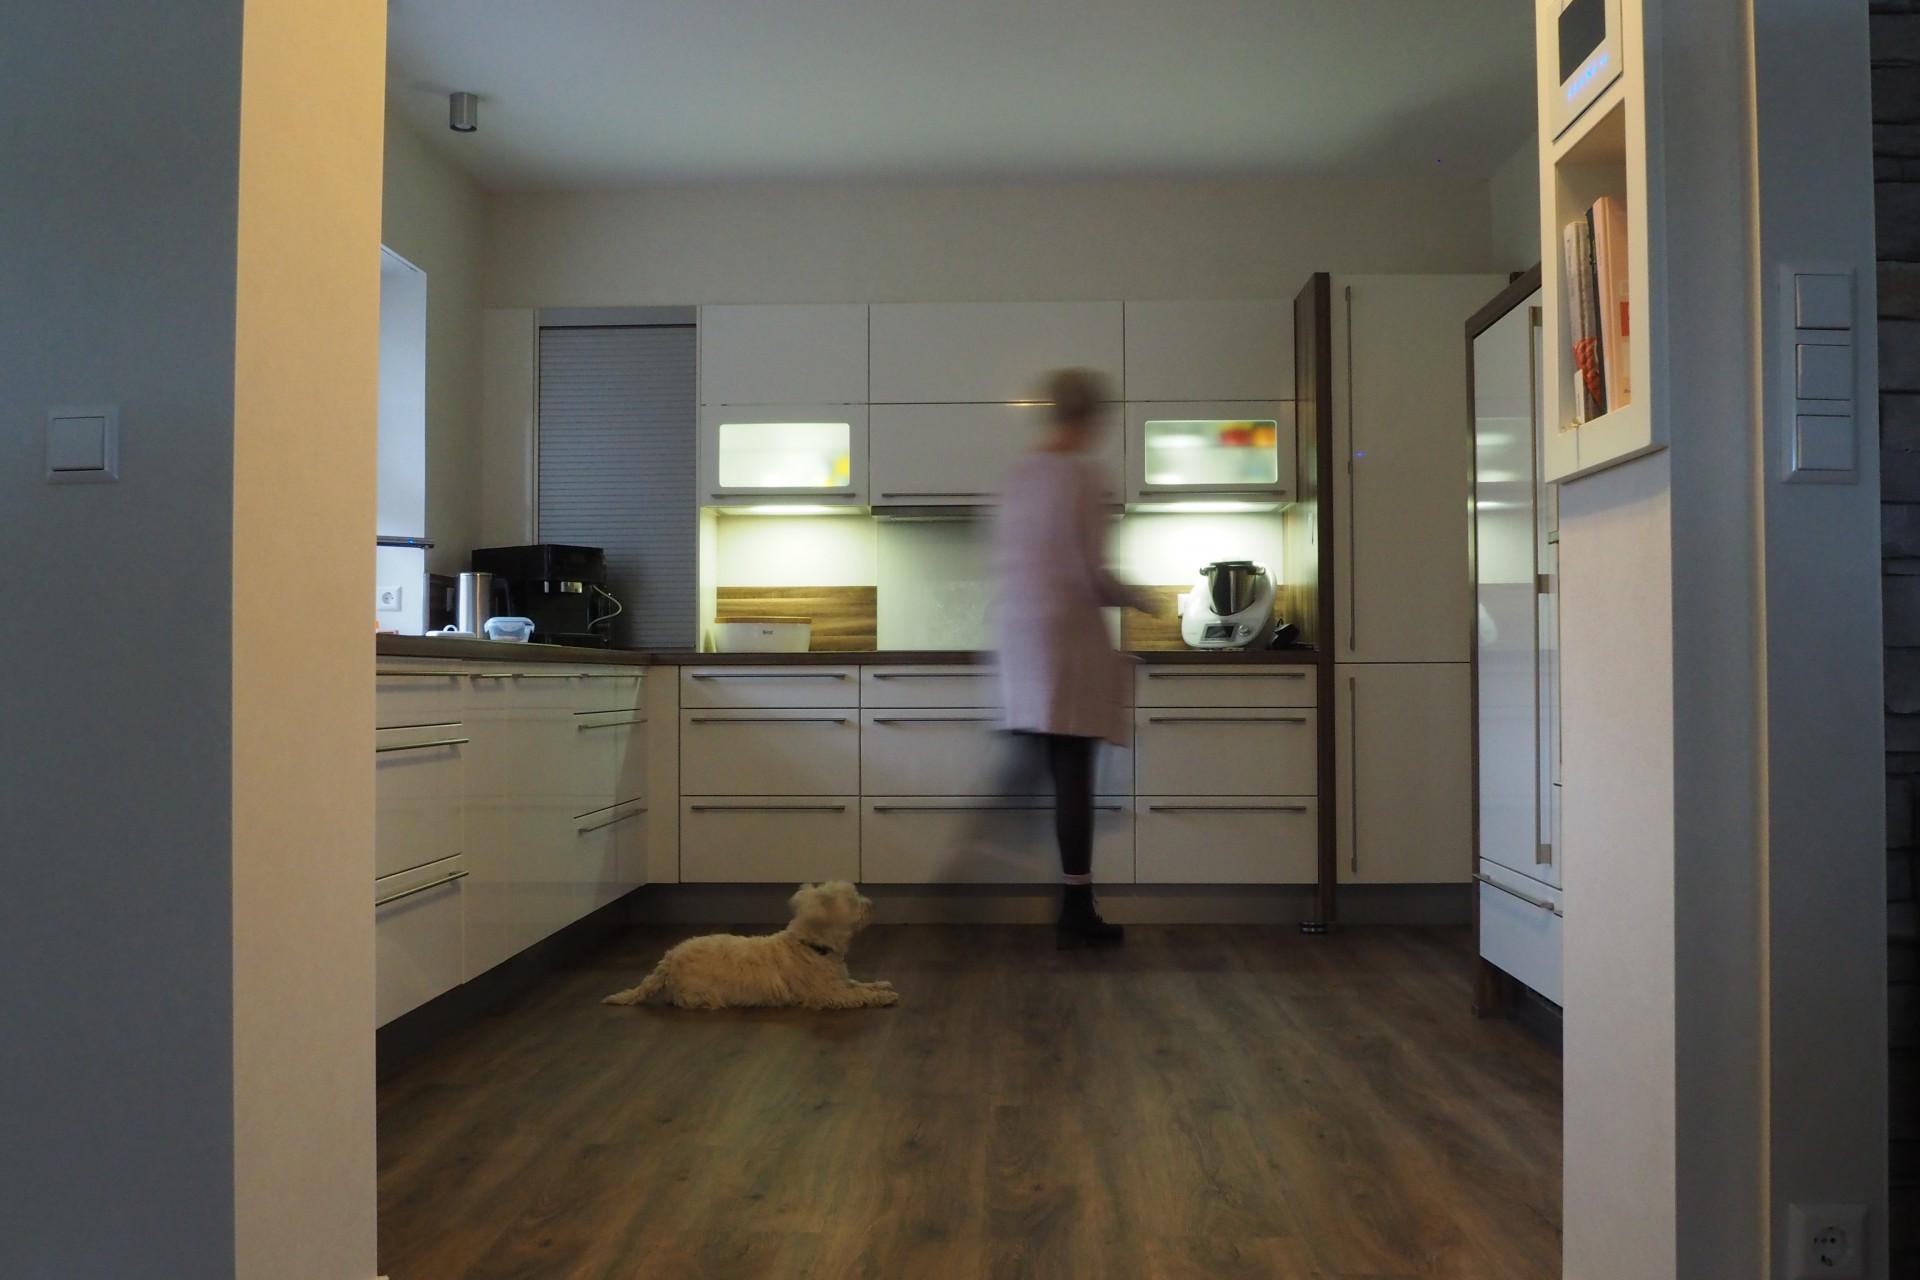 Strapazierfähiger Designboden - perfekt für hoch frequentierte Räume